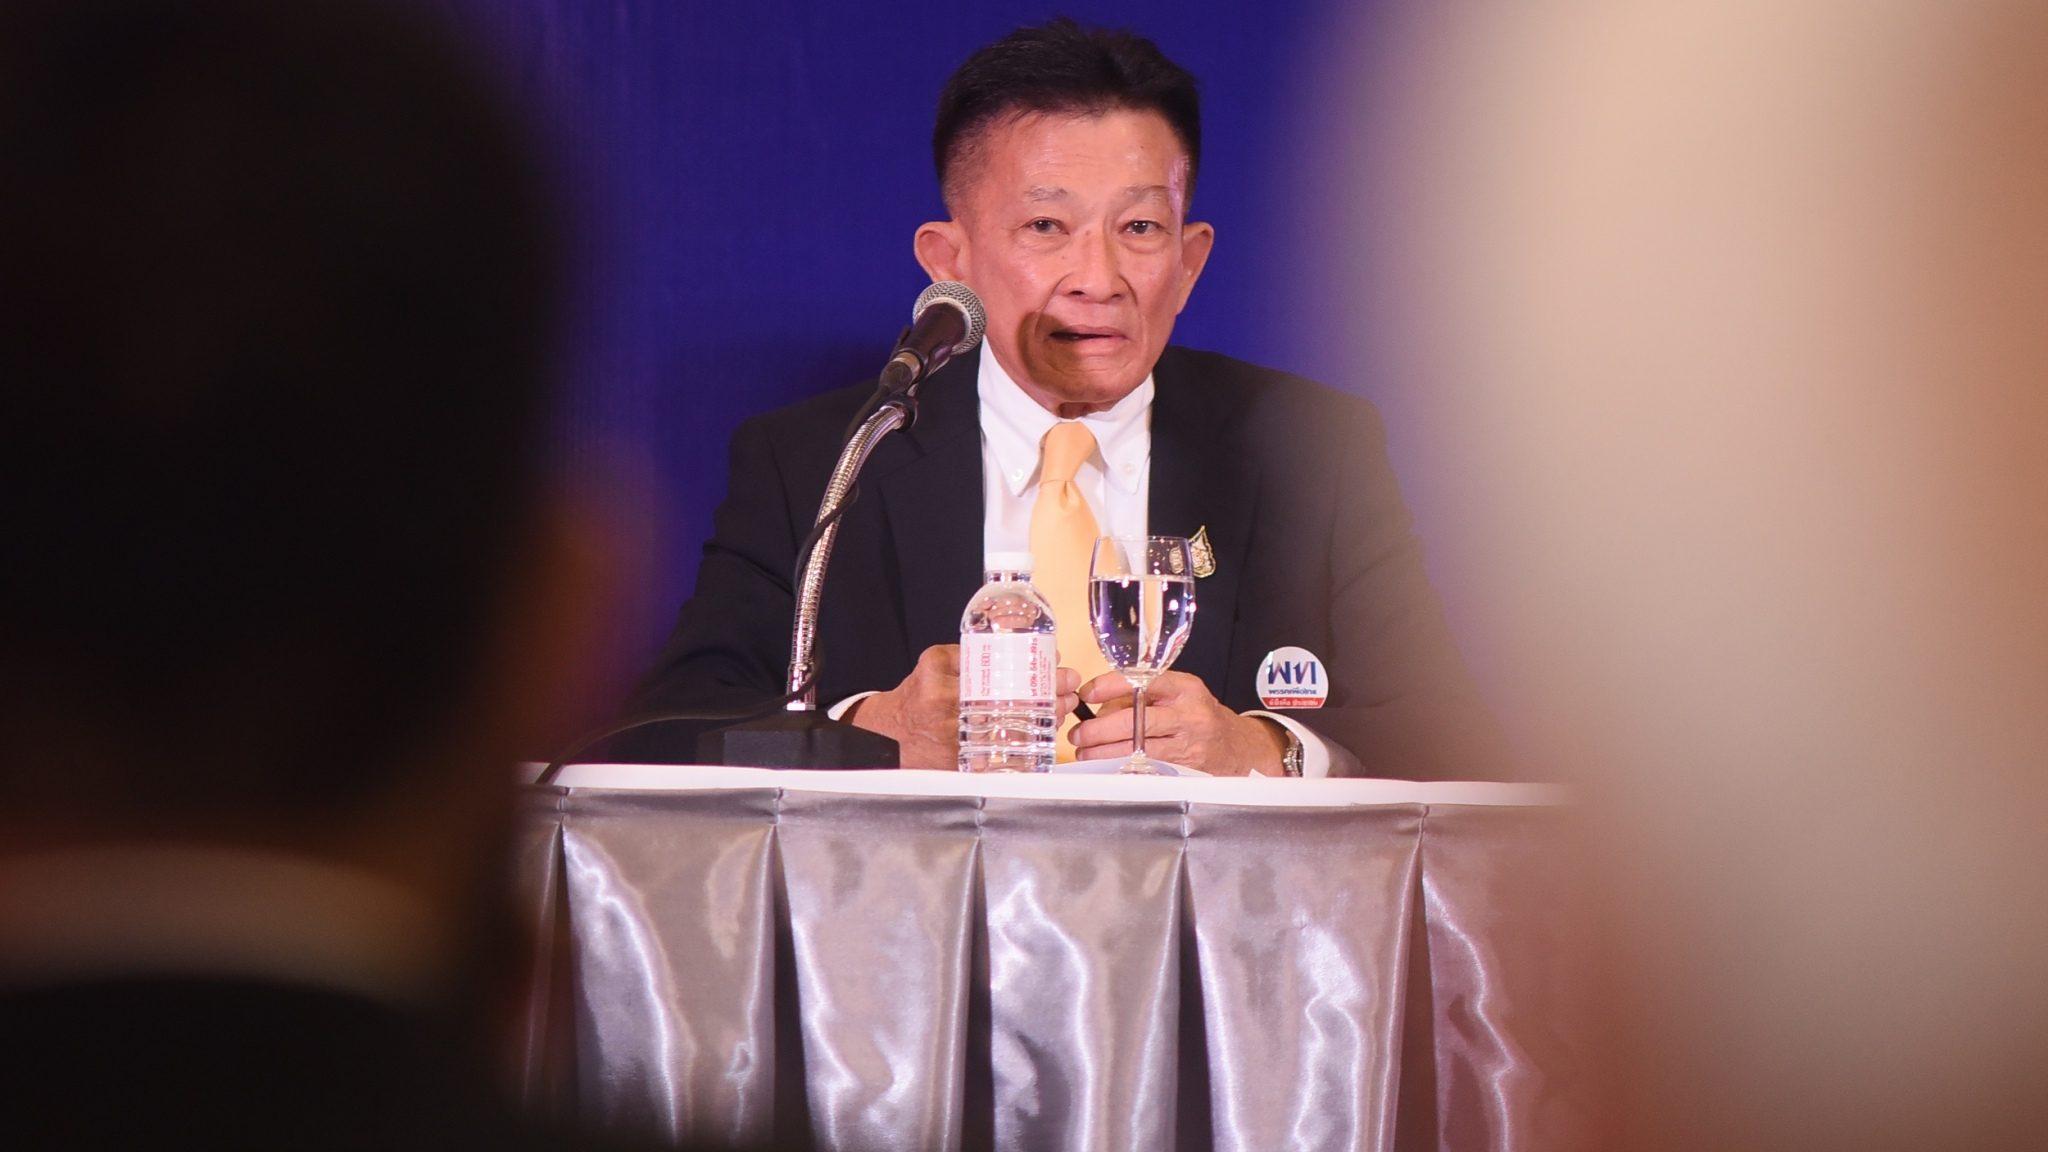 ข่าวสดวันนี้ พรรคเพื่อไทย ราชกิจจานุเบกษา สมพงษ์ อมรวิวัฒน์ หัวหน้าฝ่ายค้าน